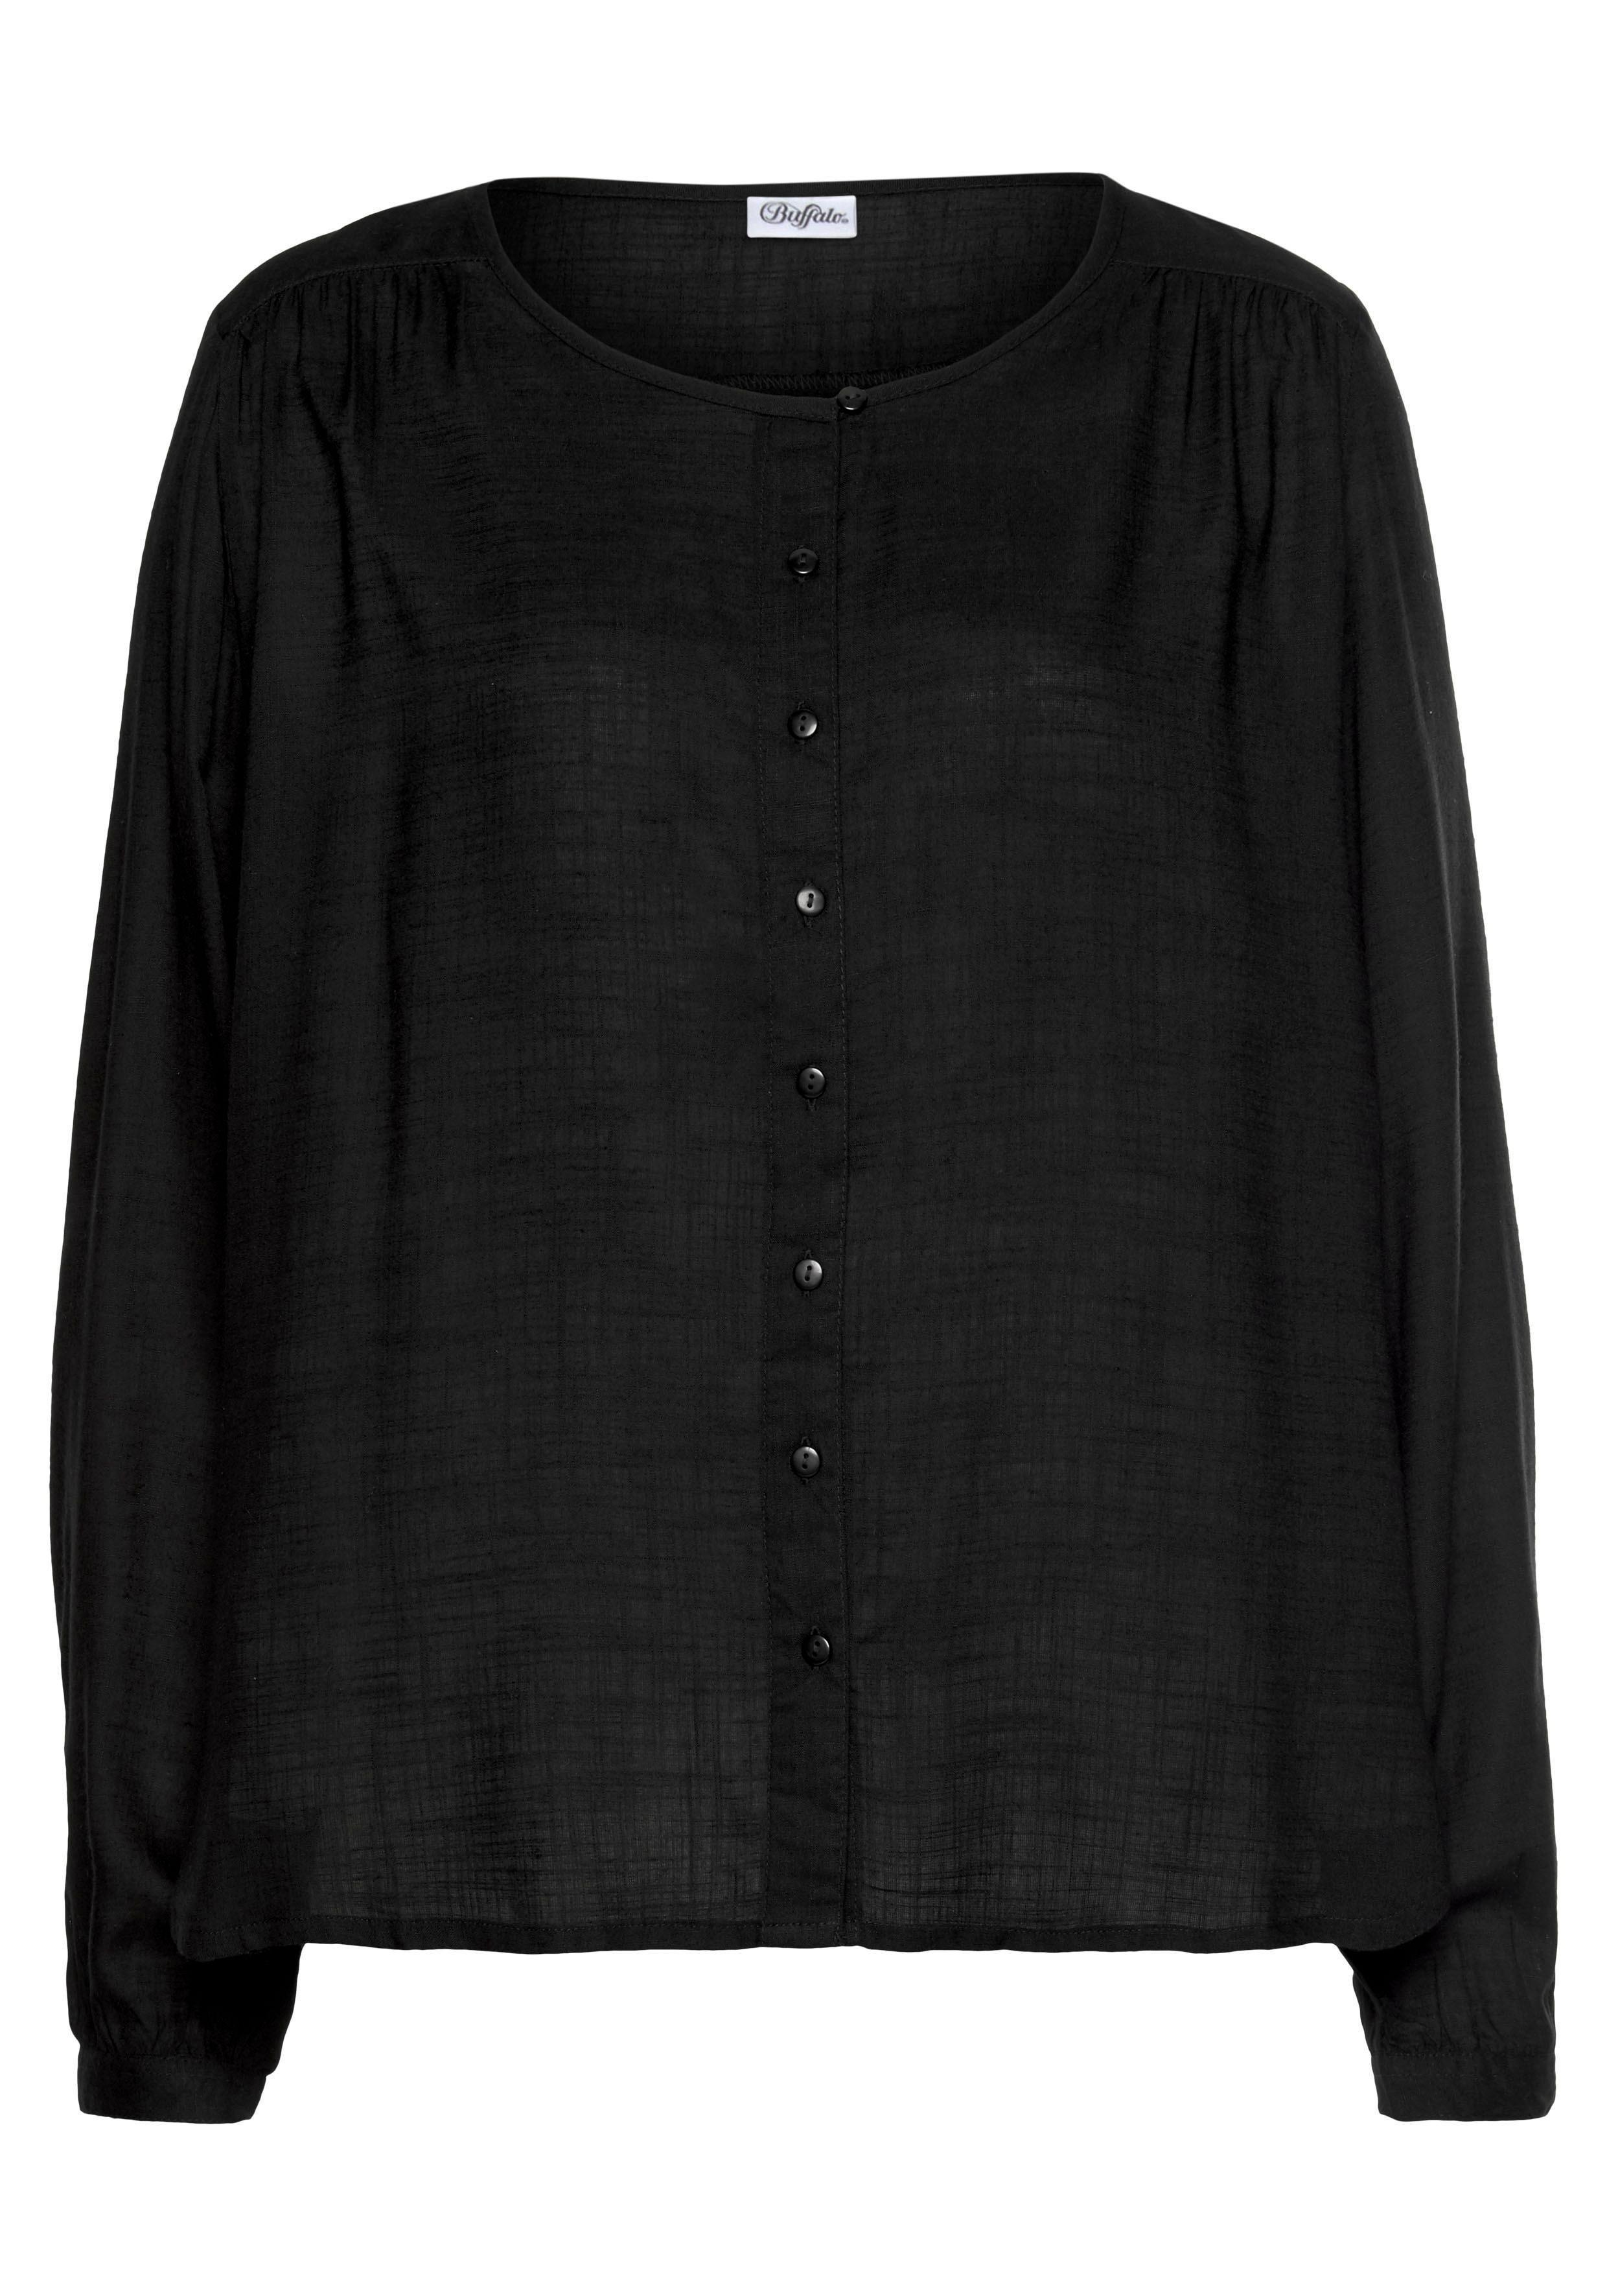 Buffalo blouse zonder sluiting met knoopsluiting bestellen: 30 dagen bedenktijd